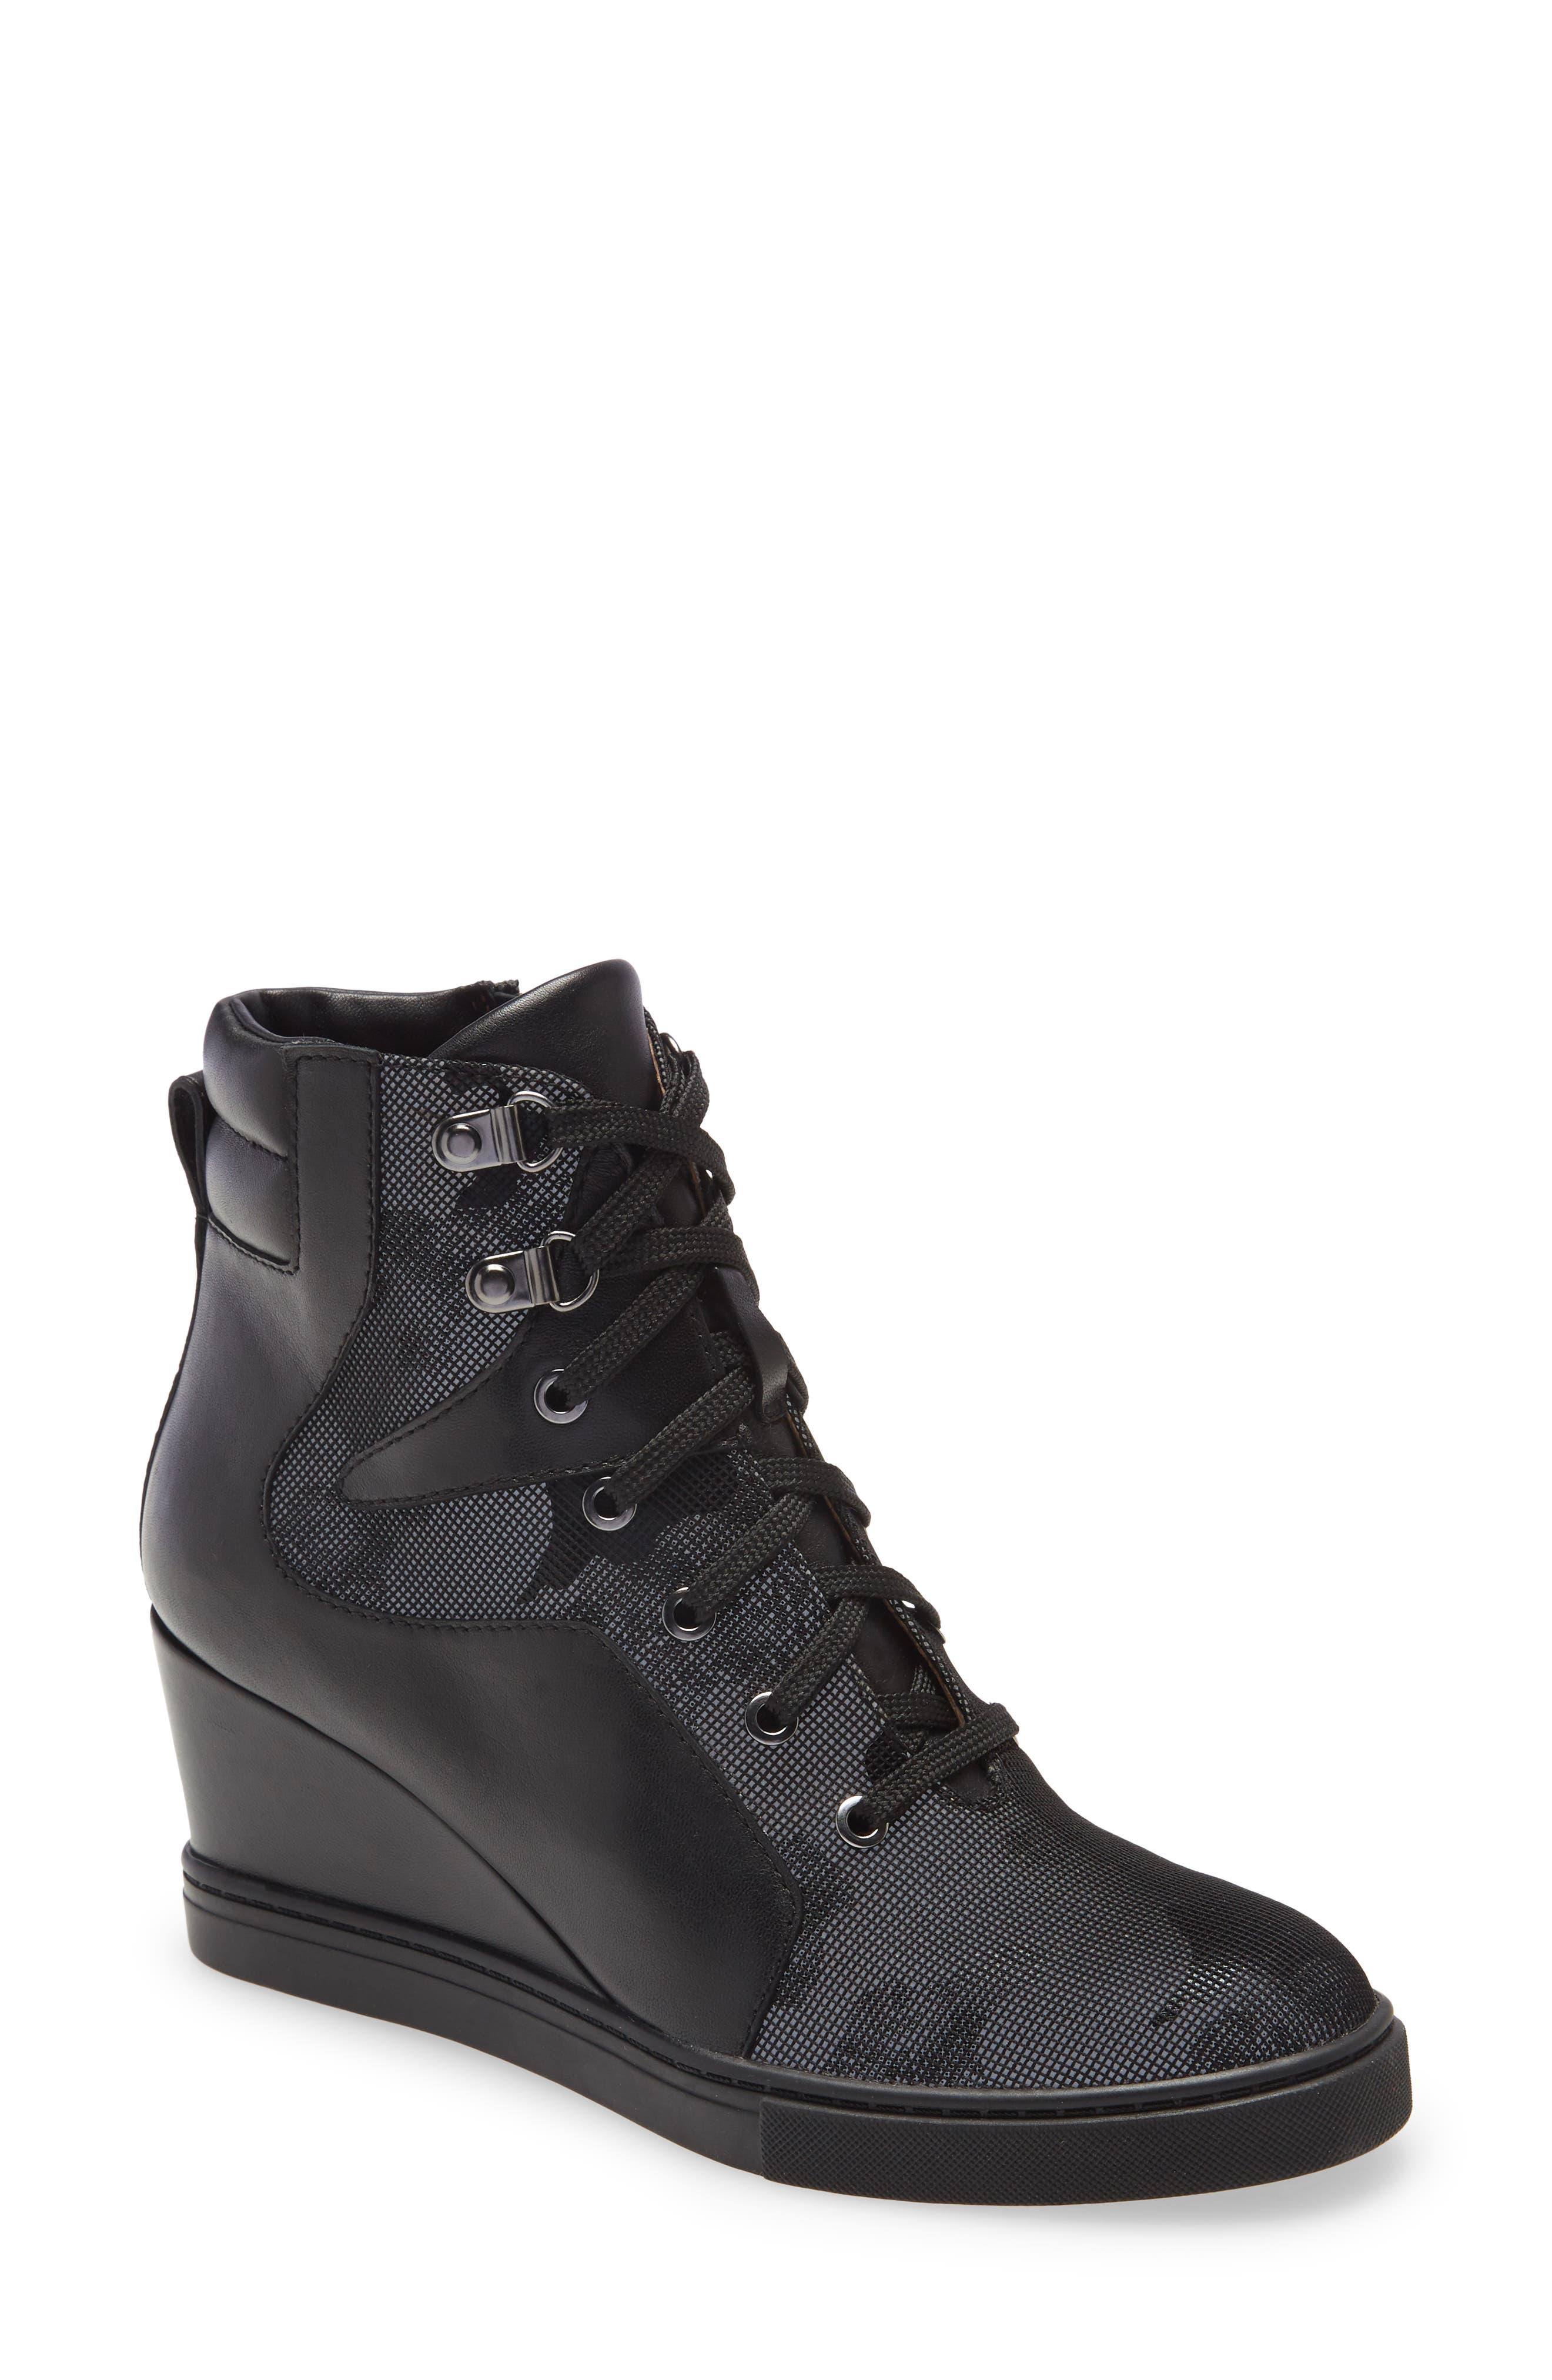 Women's Wedge Sneakers \u0026 Athletic Shoes